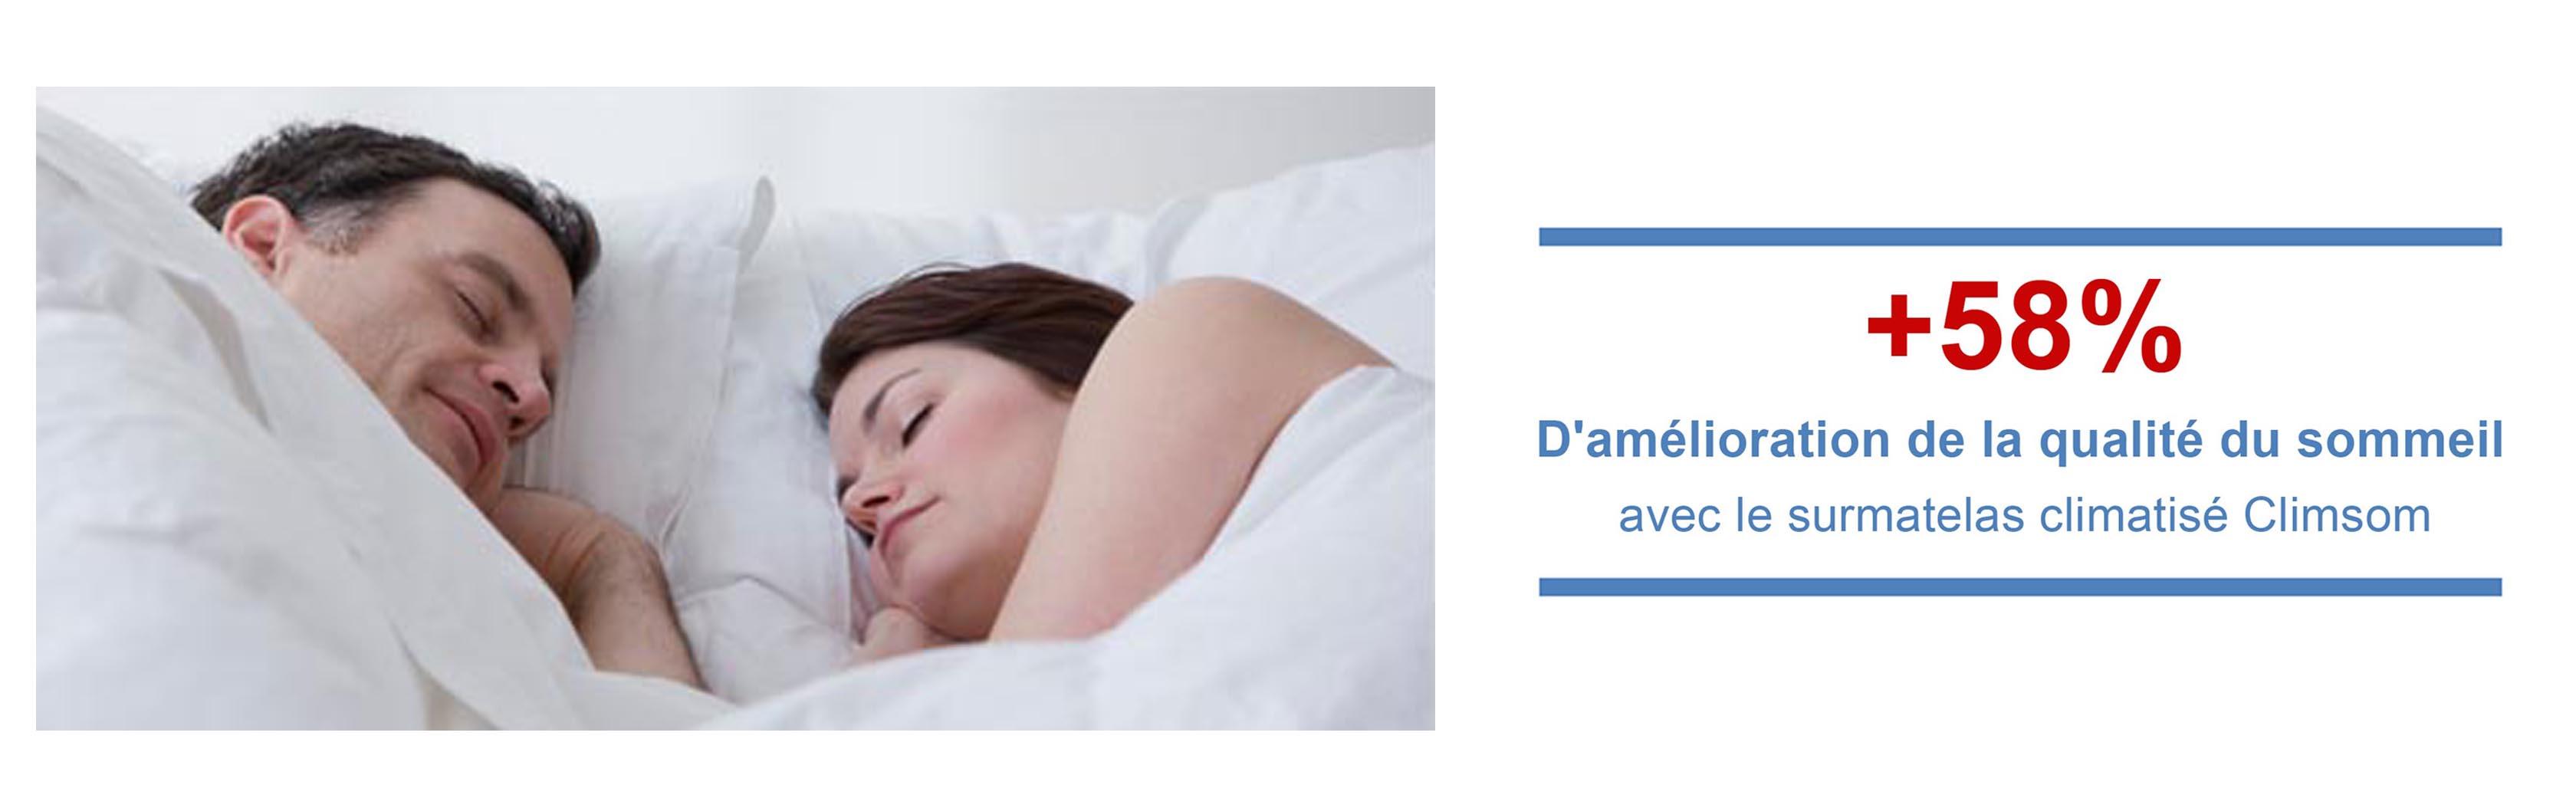 améliorer son sommeil avec Climsom